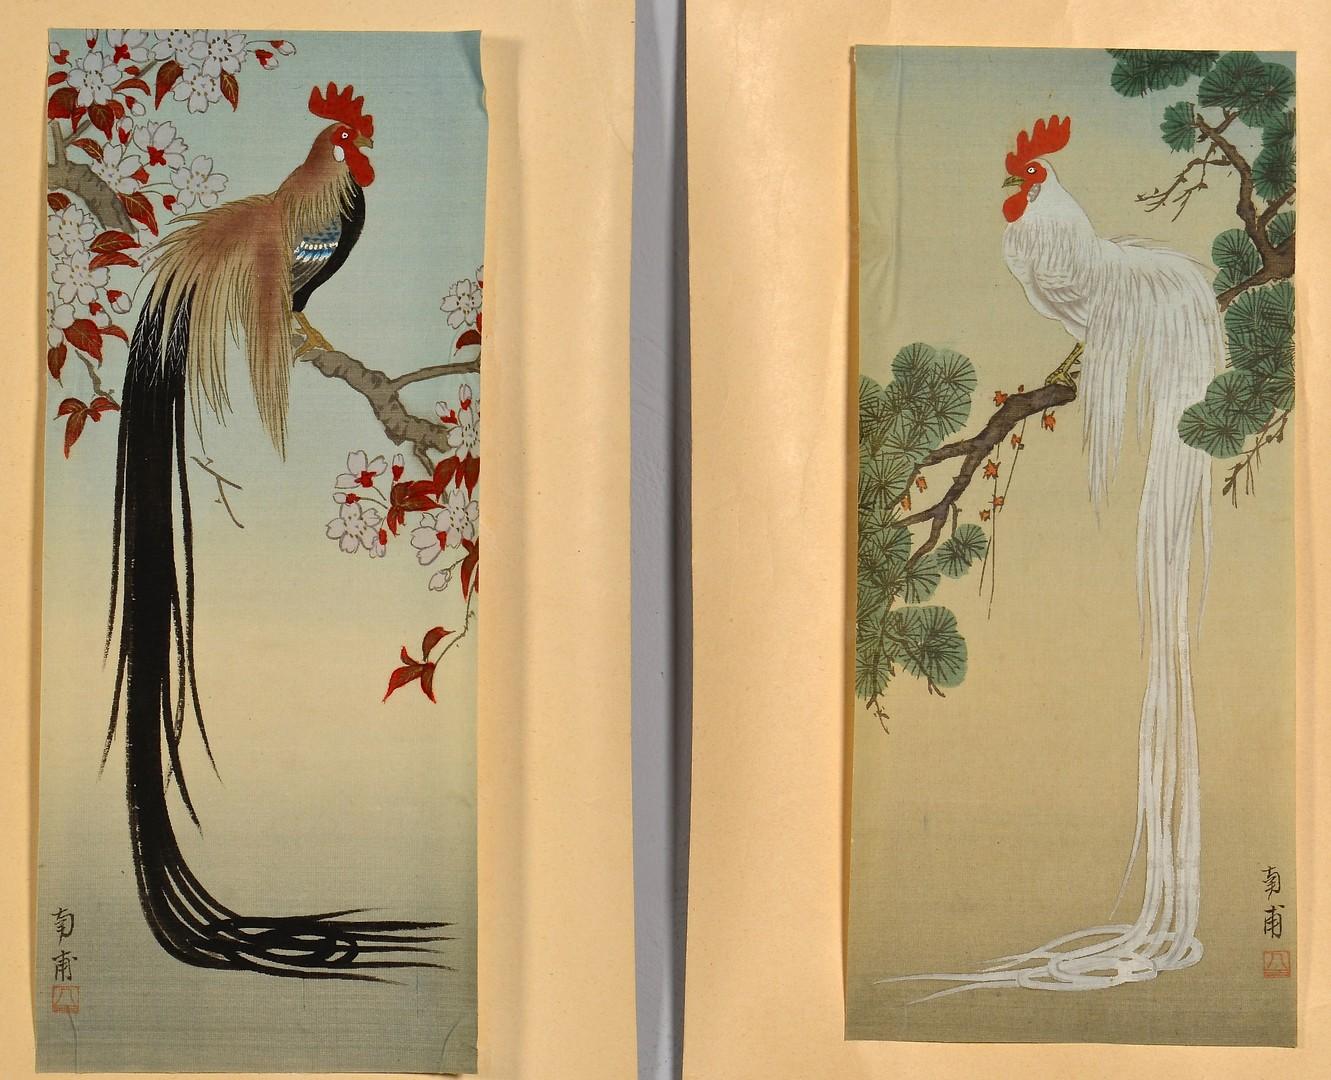 Lot 4010117: Asian Watercolors & Scroll Paintings